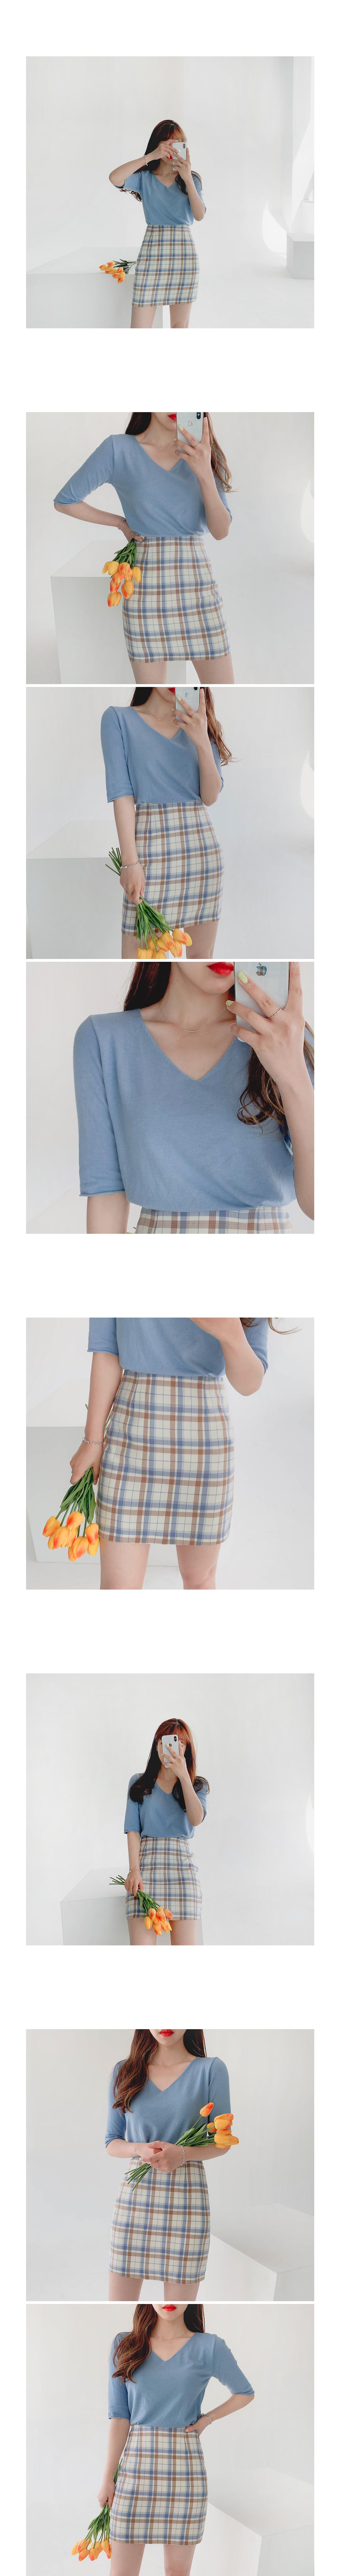 Hilo check mini skirt